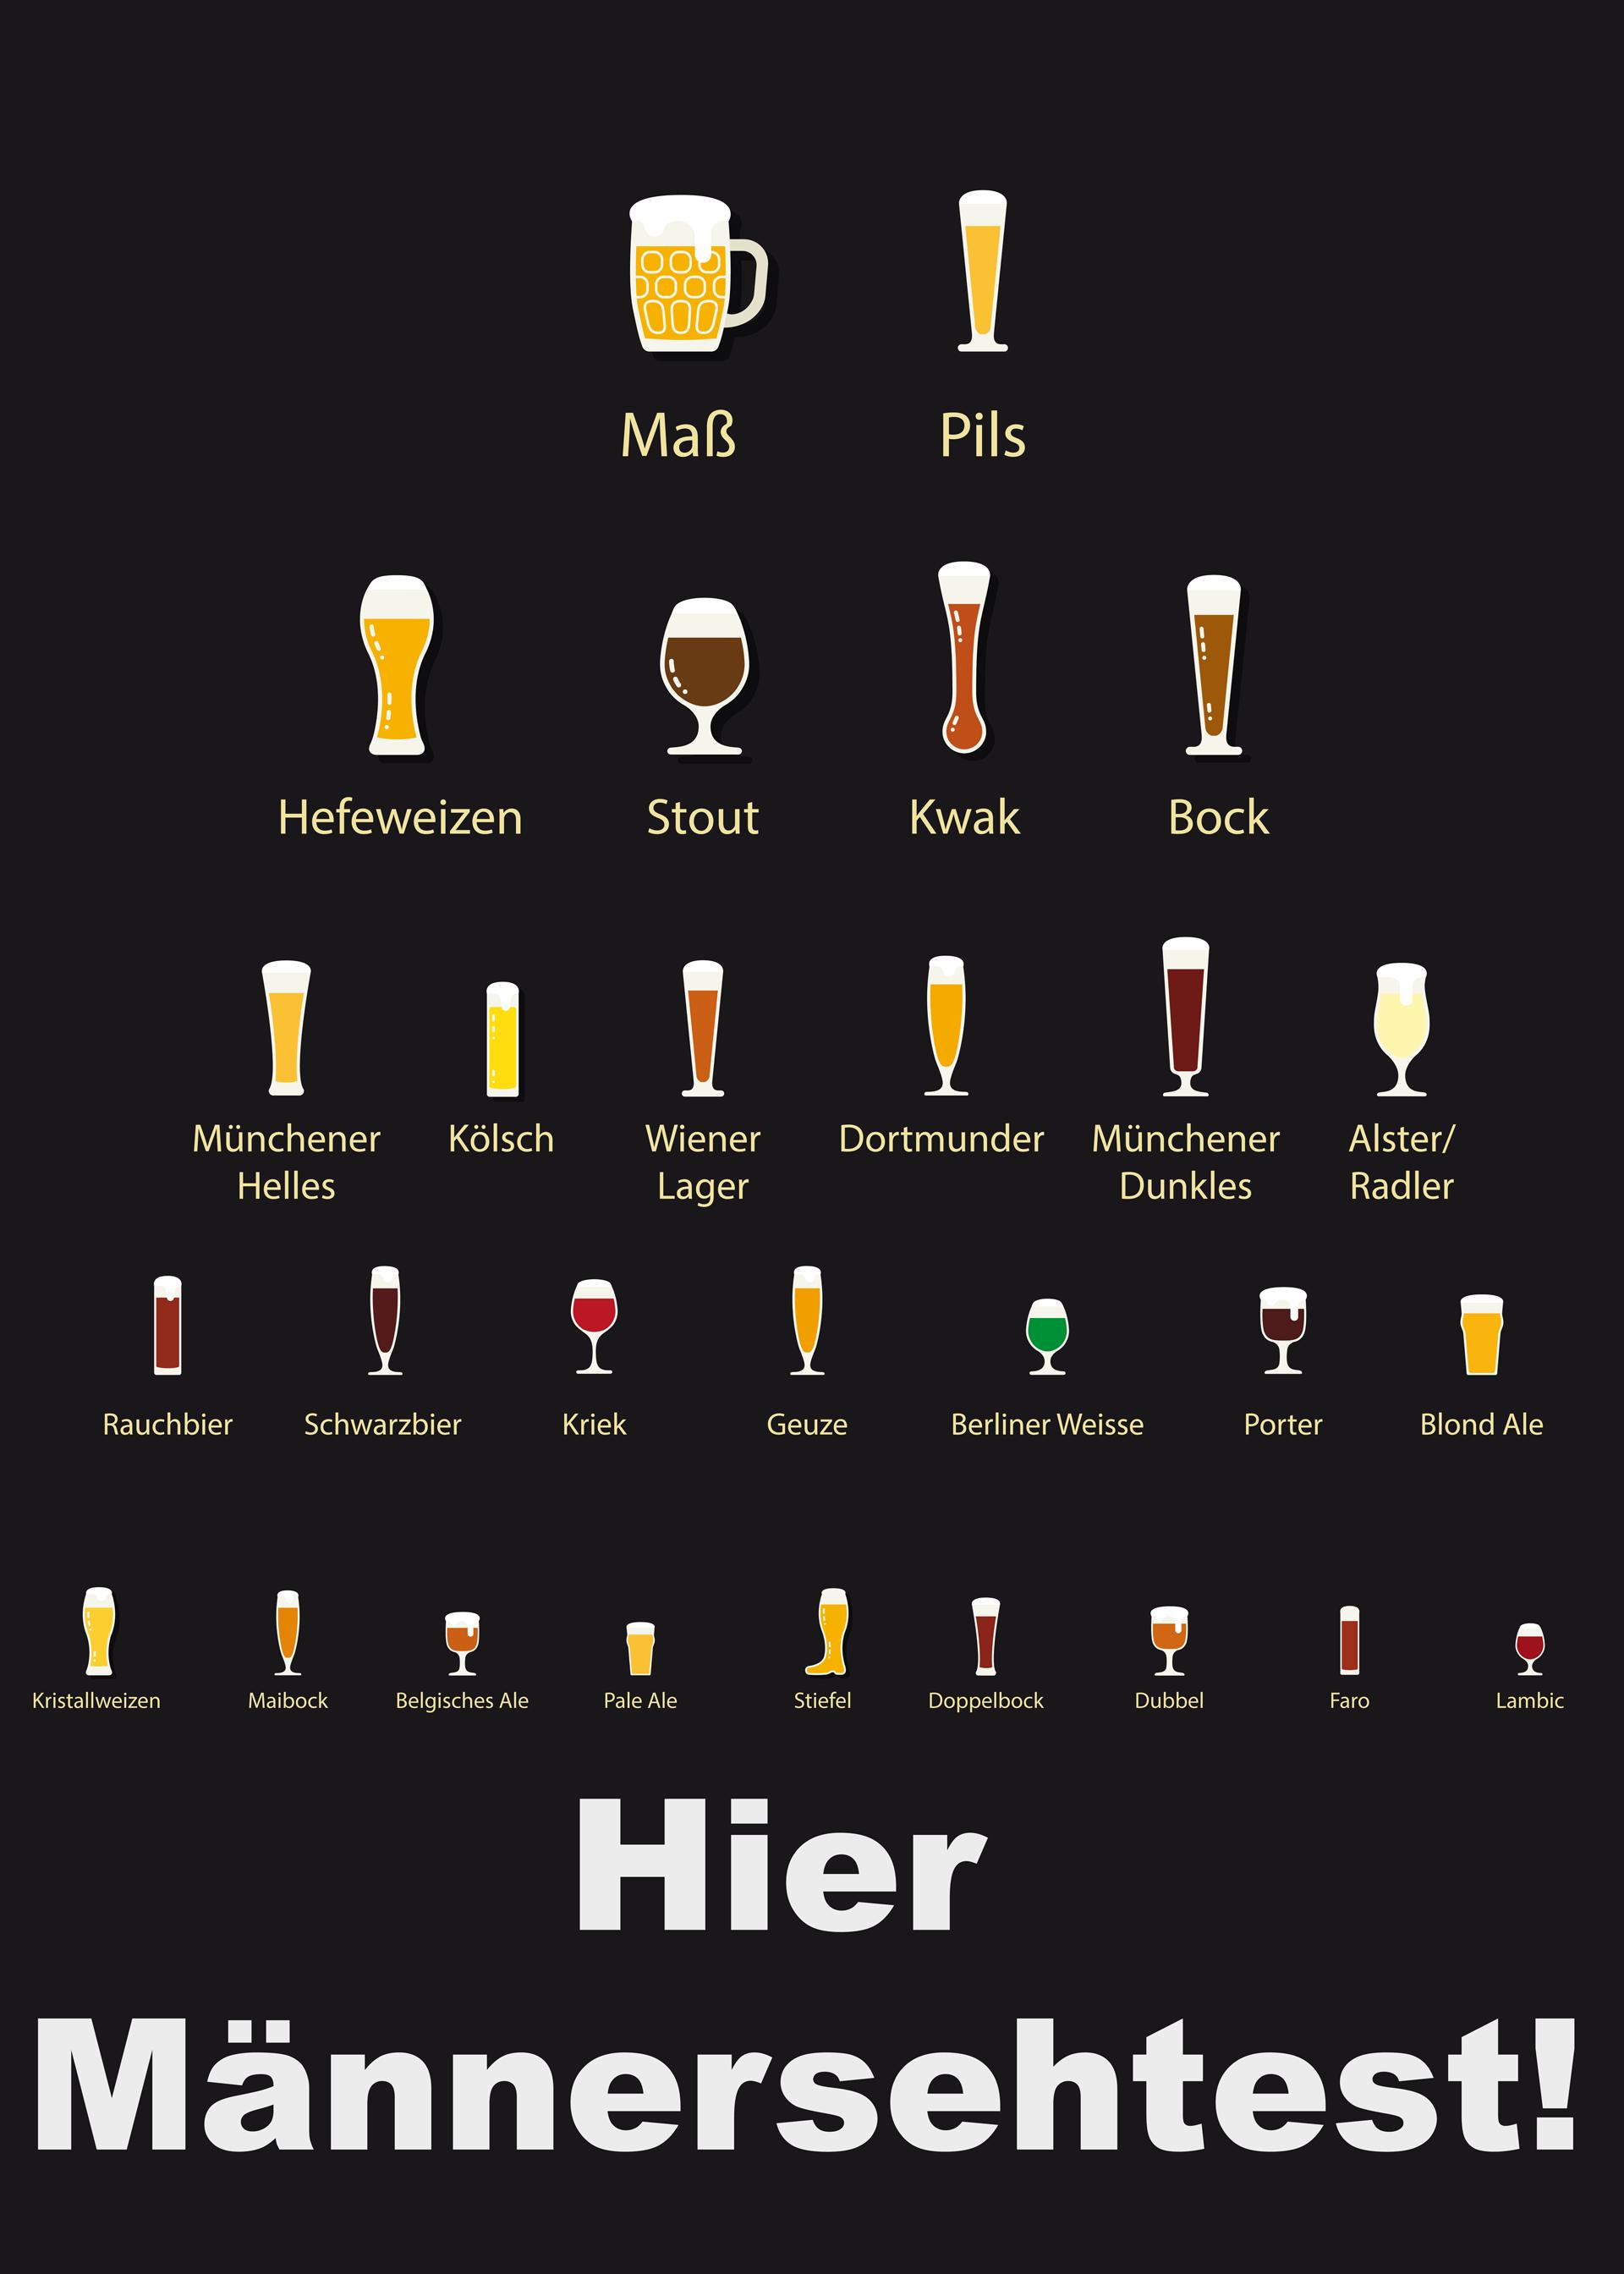 Online Sehtest für Männer - Bier